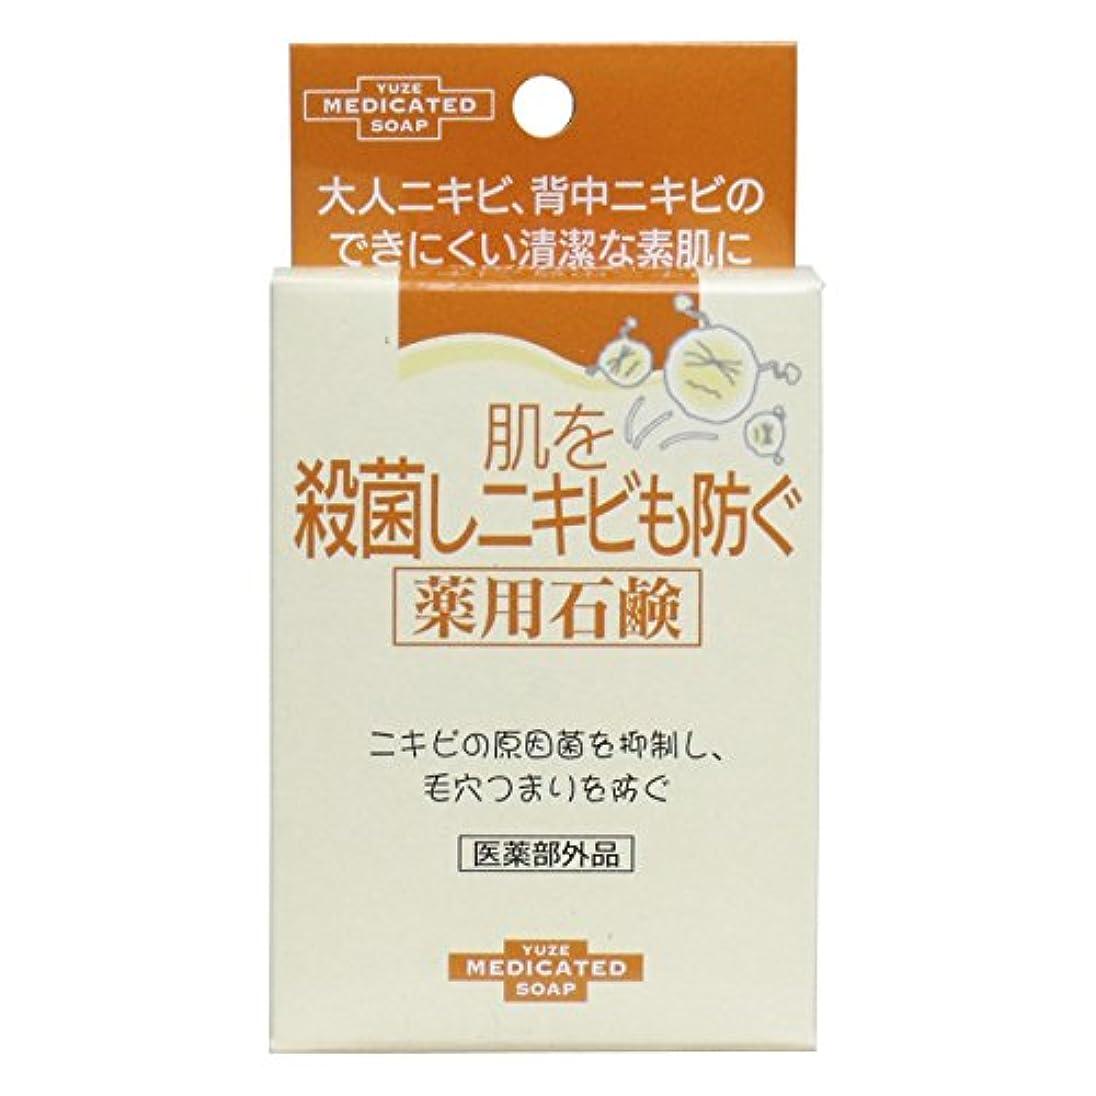 日の出パノラマポケットユゼ 肌を殺菌しニキビも防ぐ薬用石鹸 (110g)